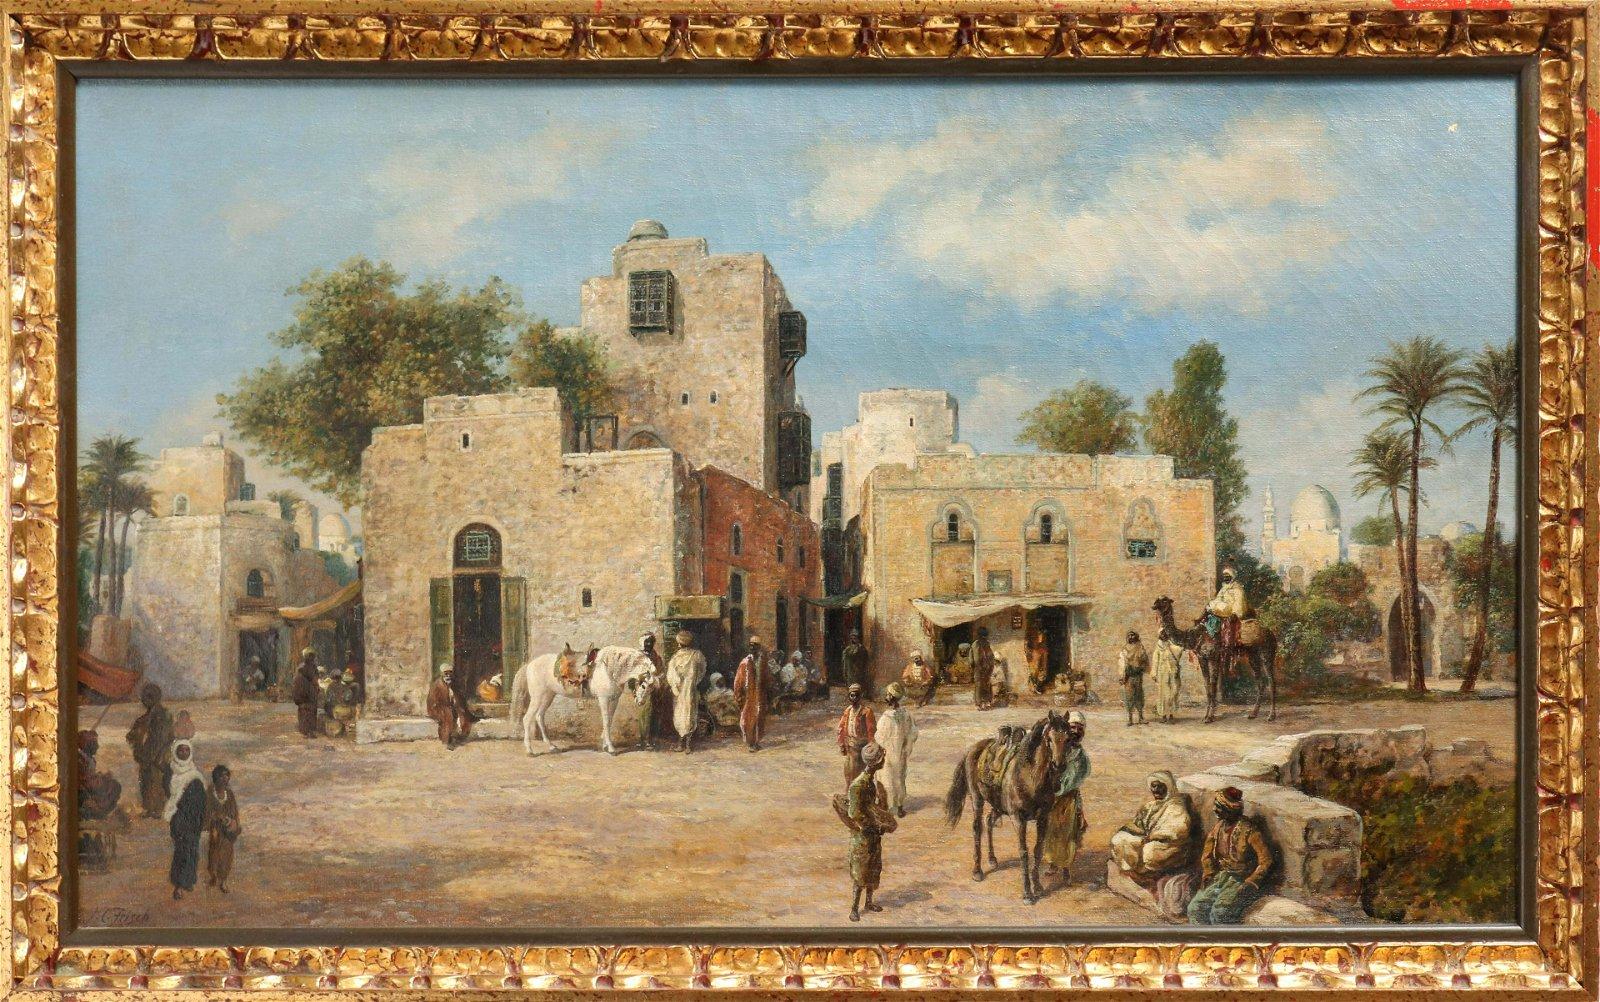 J.C. Frisch Orientalist Scene Oil on Canvas